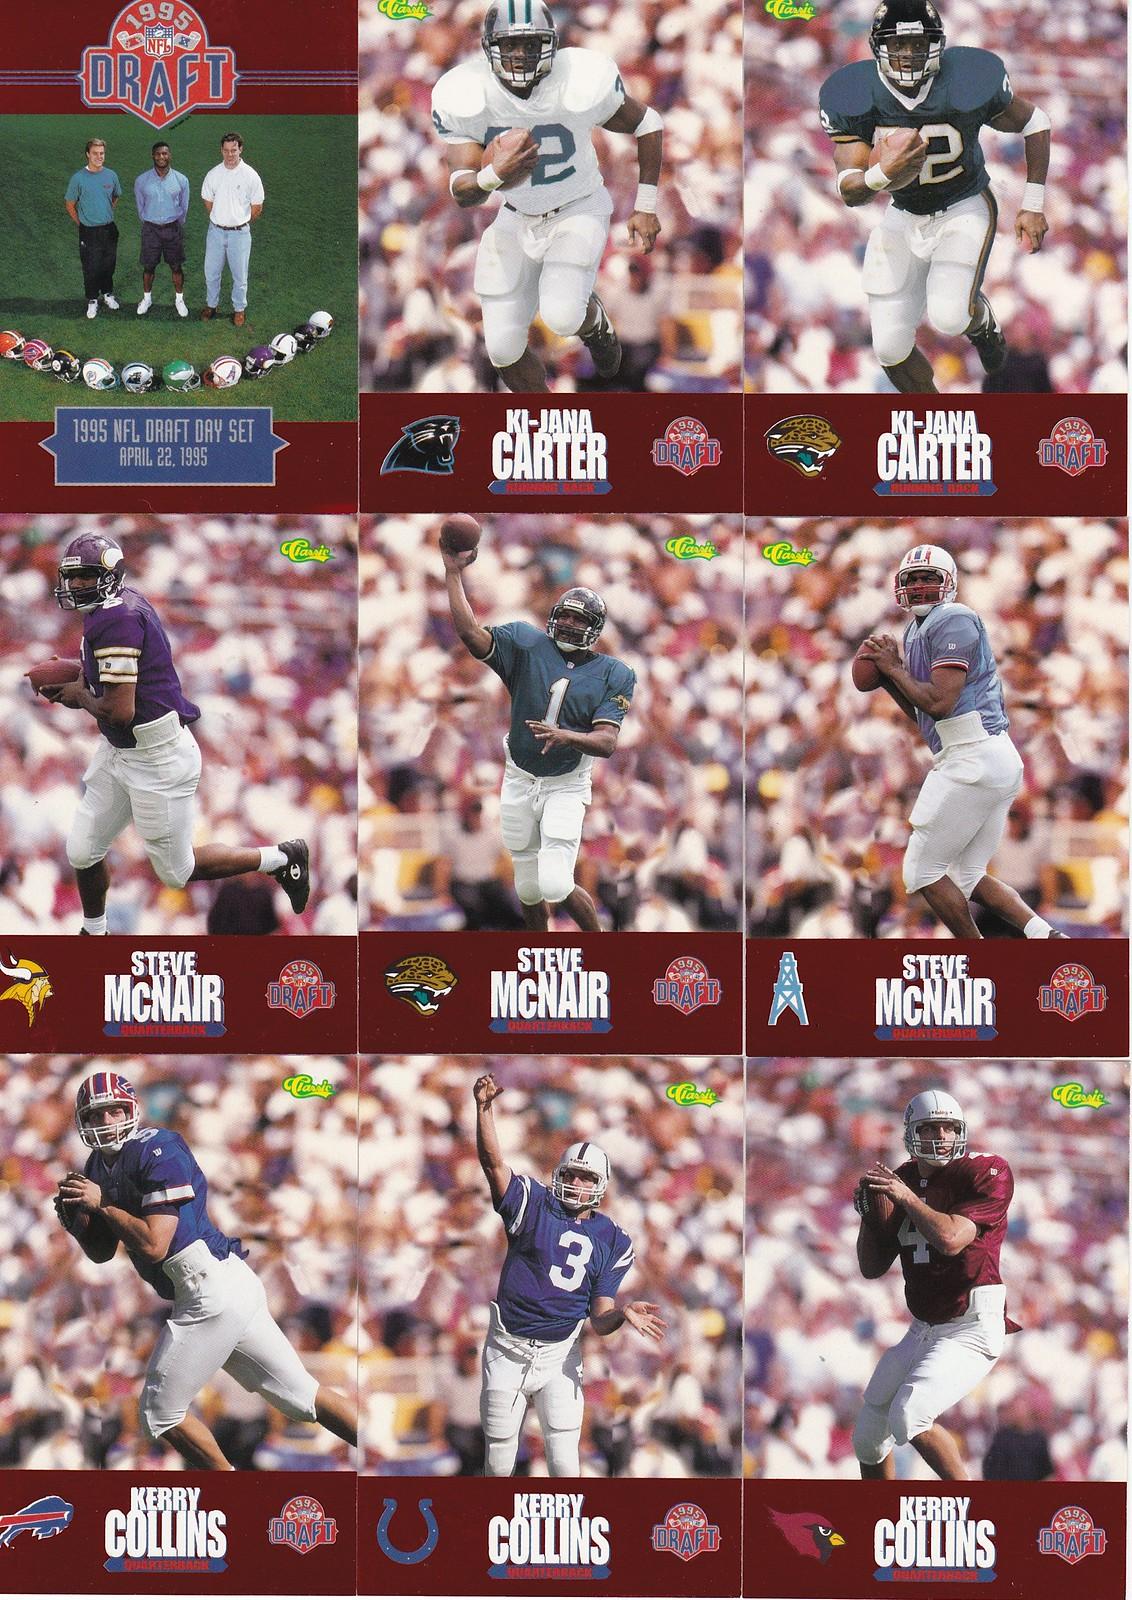 853b01b0475 Vintage Memorabilia Find  1995 NFL Draft Trading Cards